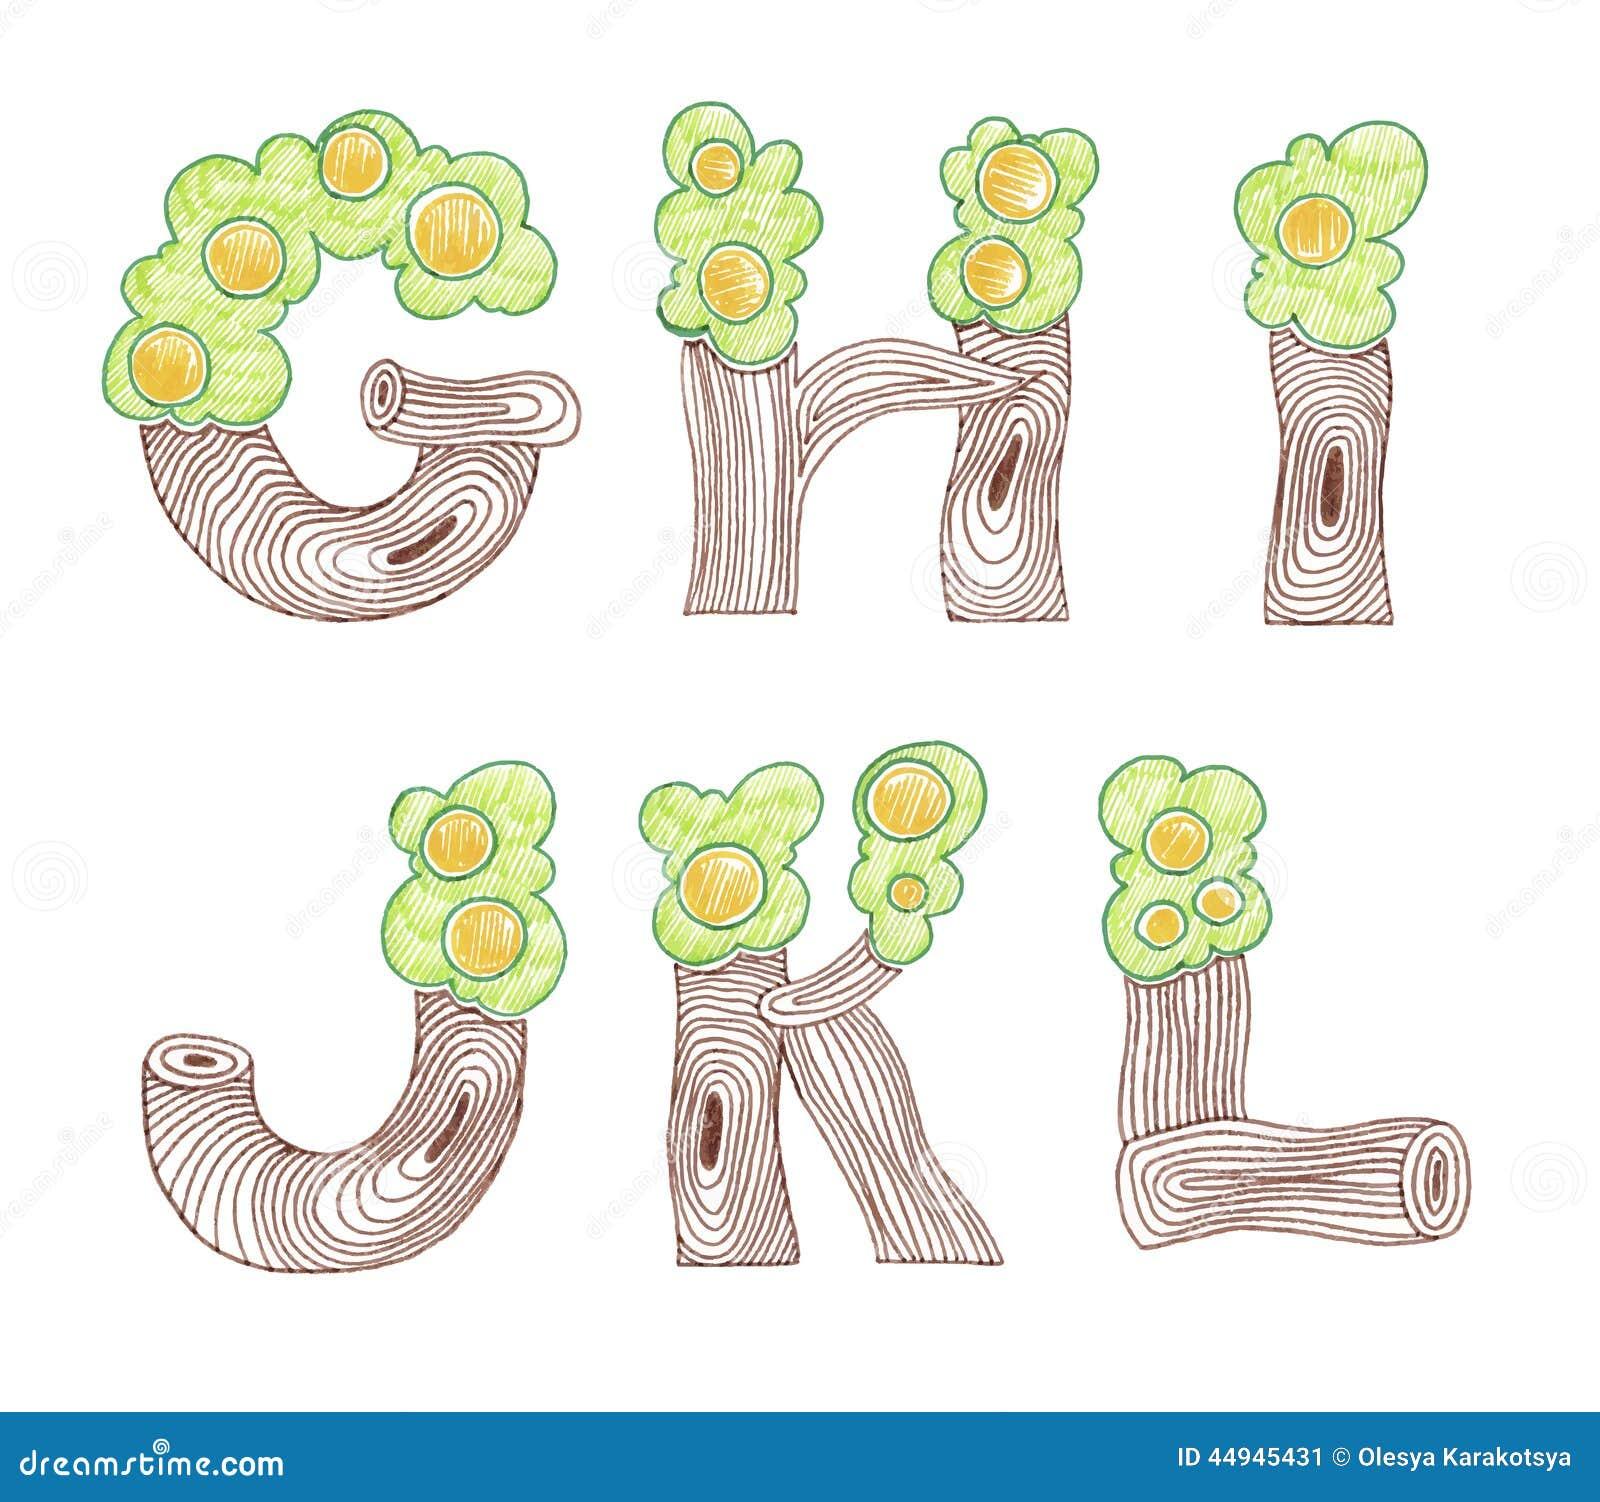 标志乱画eco英语字母表图片